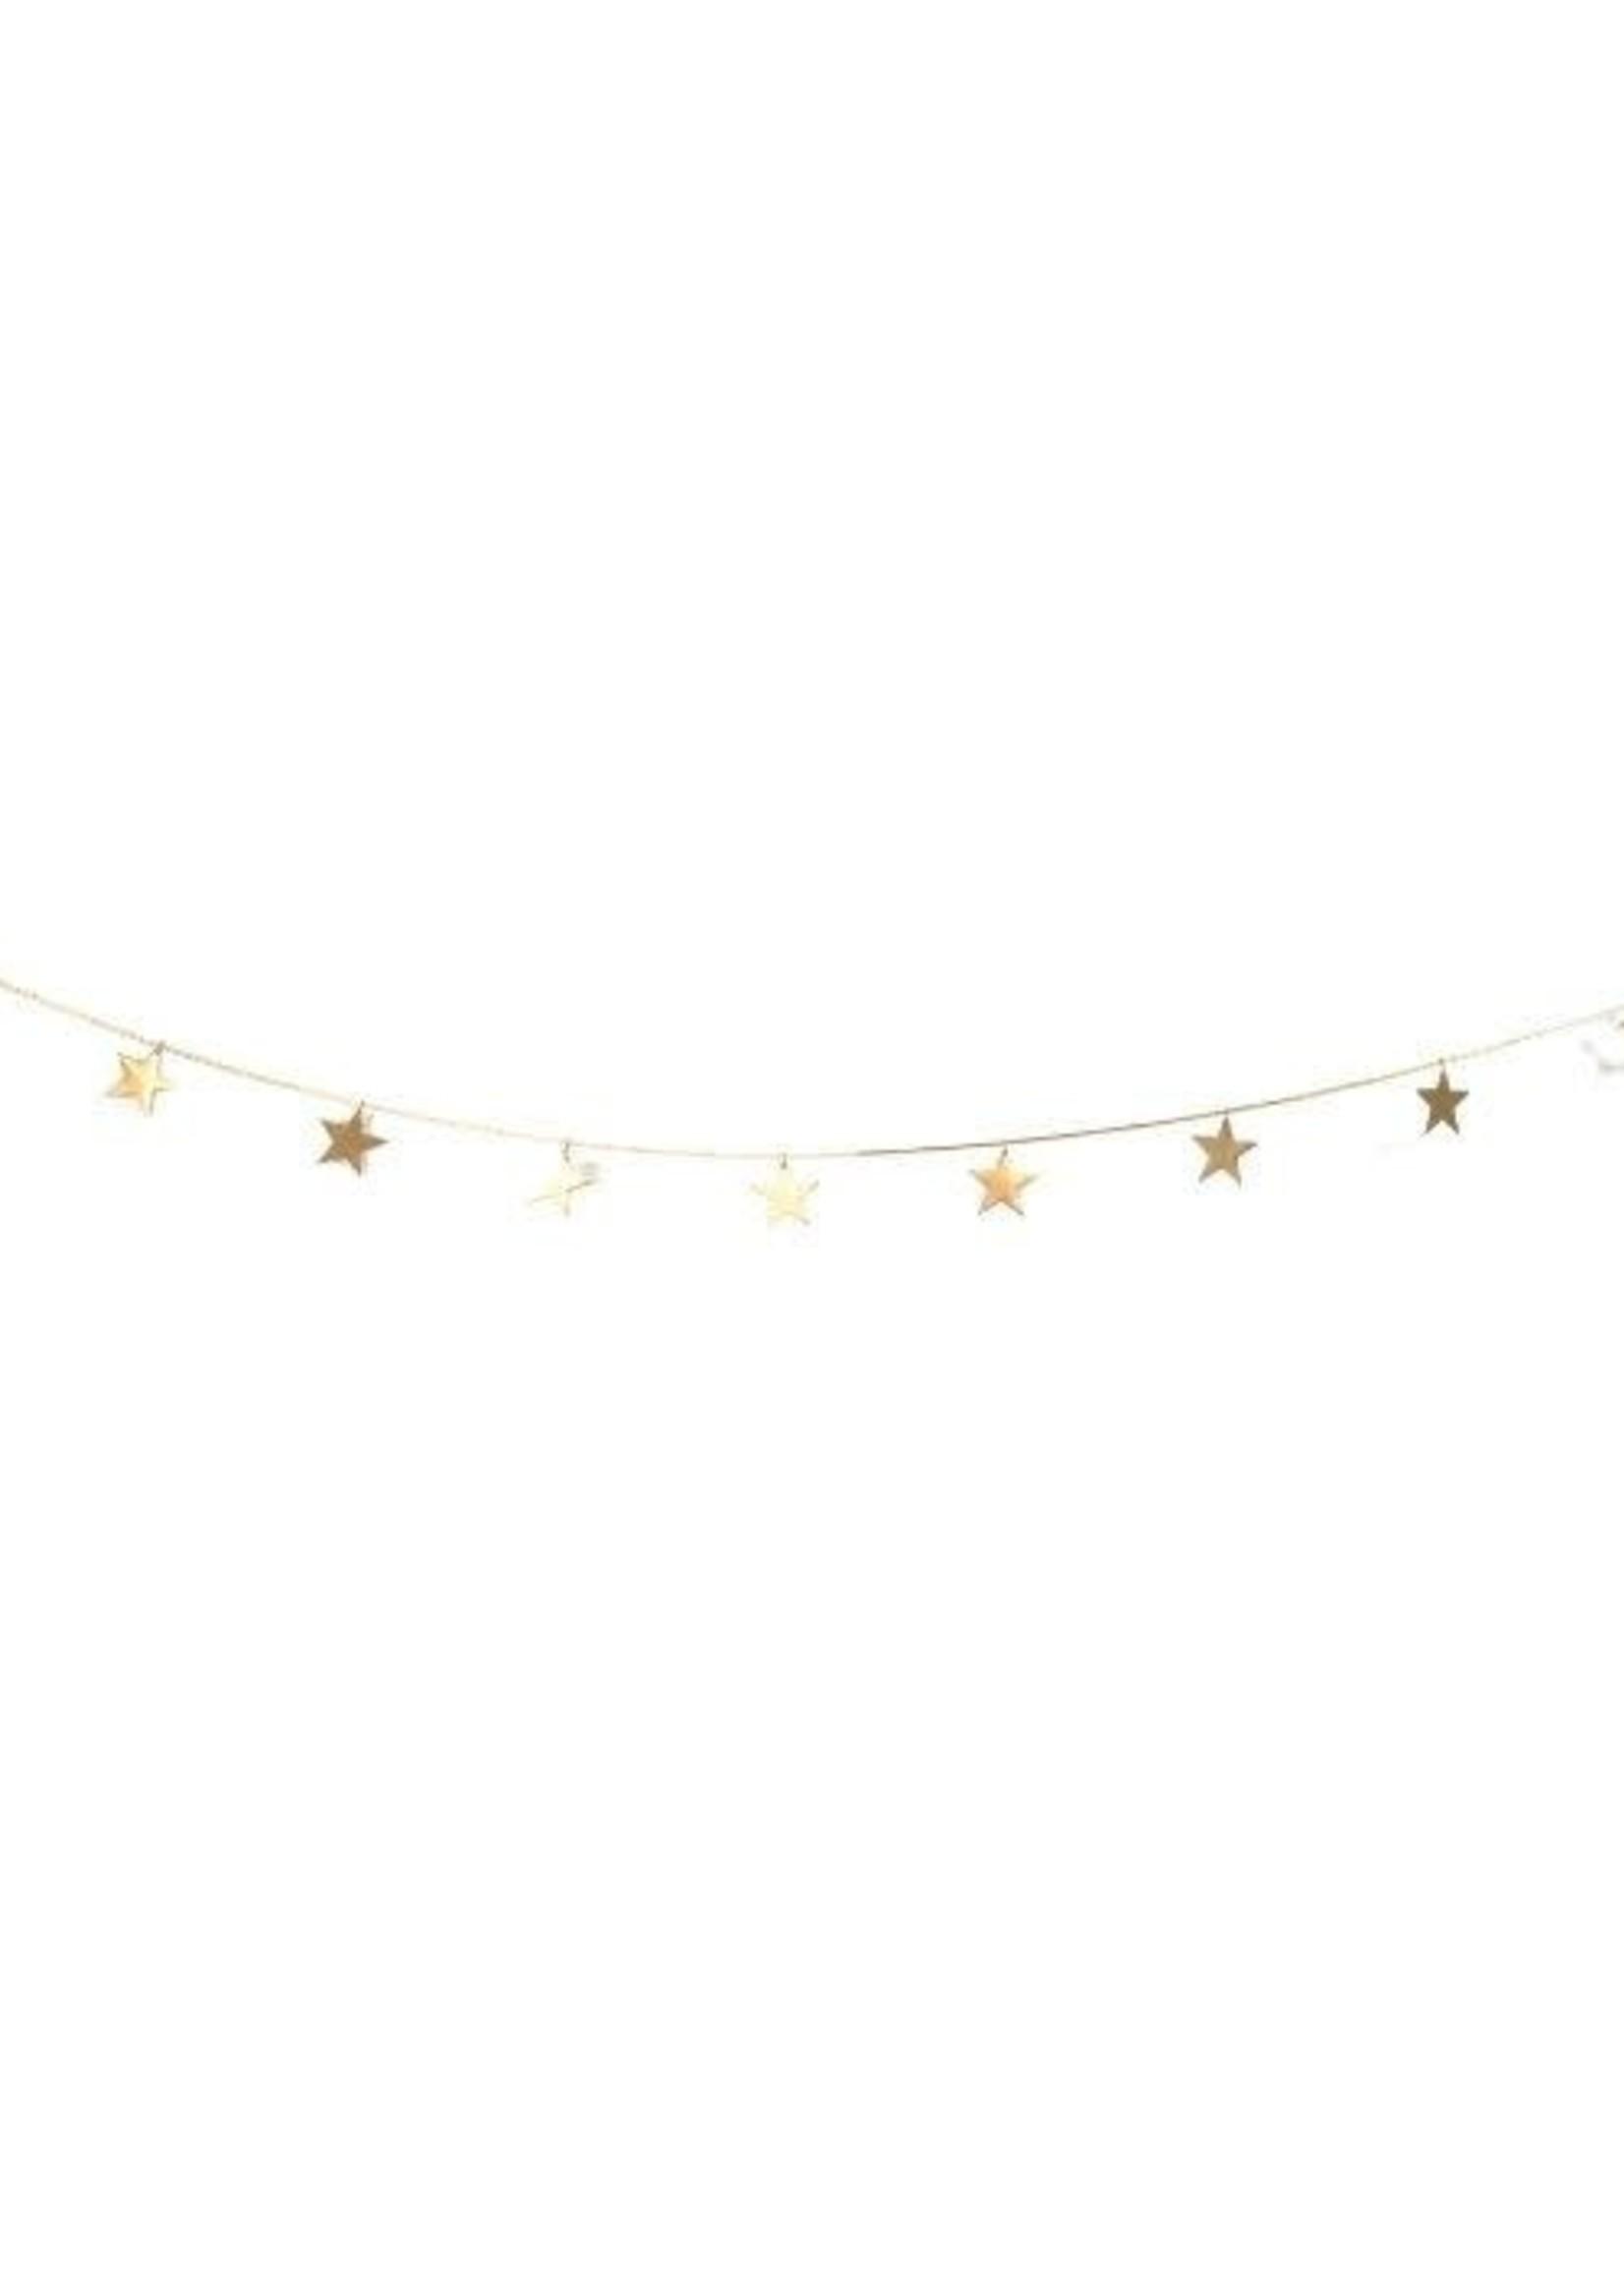 A La Star garland A La